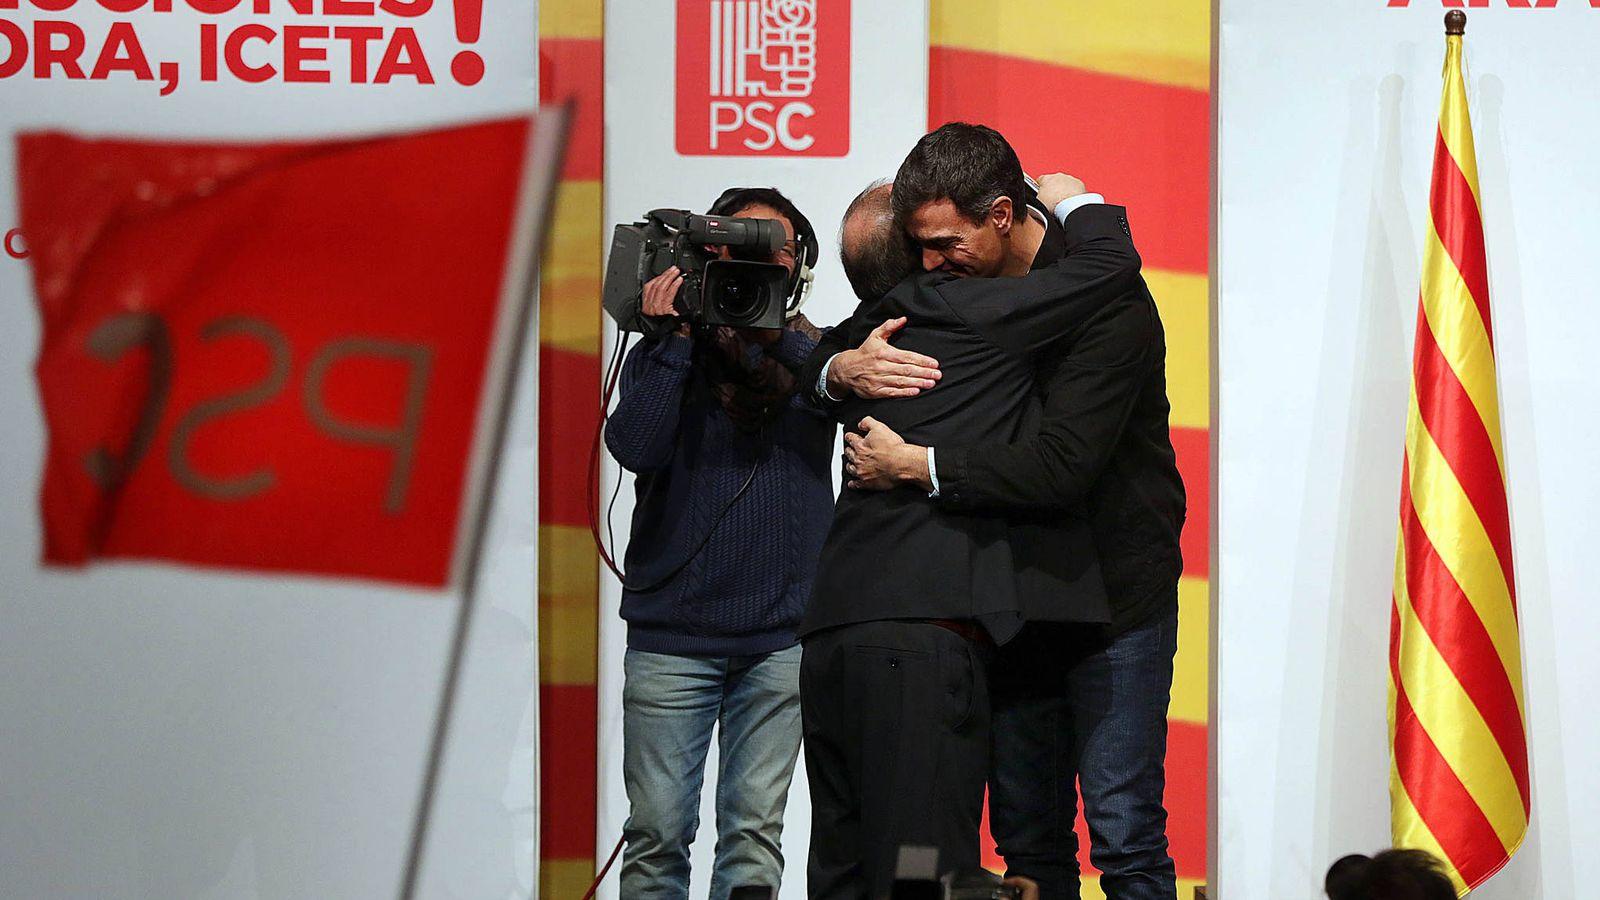 Foto: Pedro Sánchez y Miquel Iceta se abrazan durante su mitin en Lleida, este 10 de diciembre. (Jordi Play   PSC)